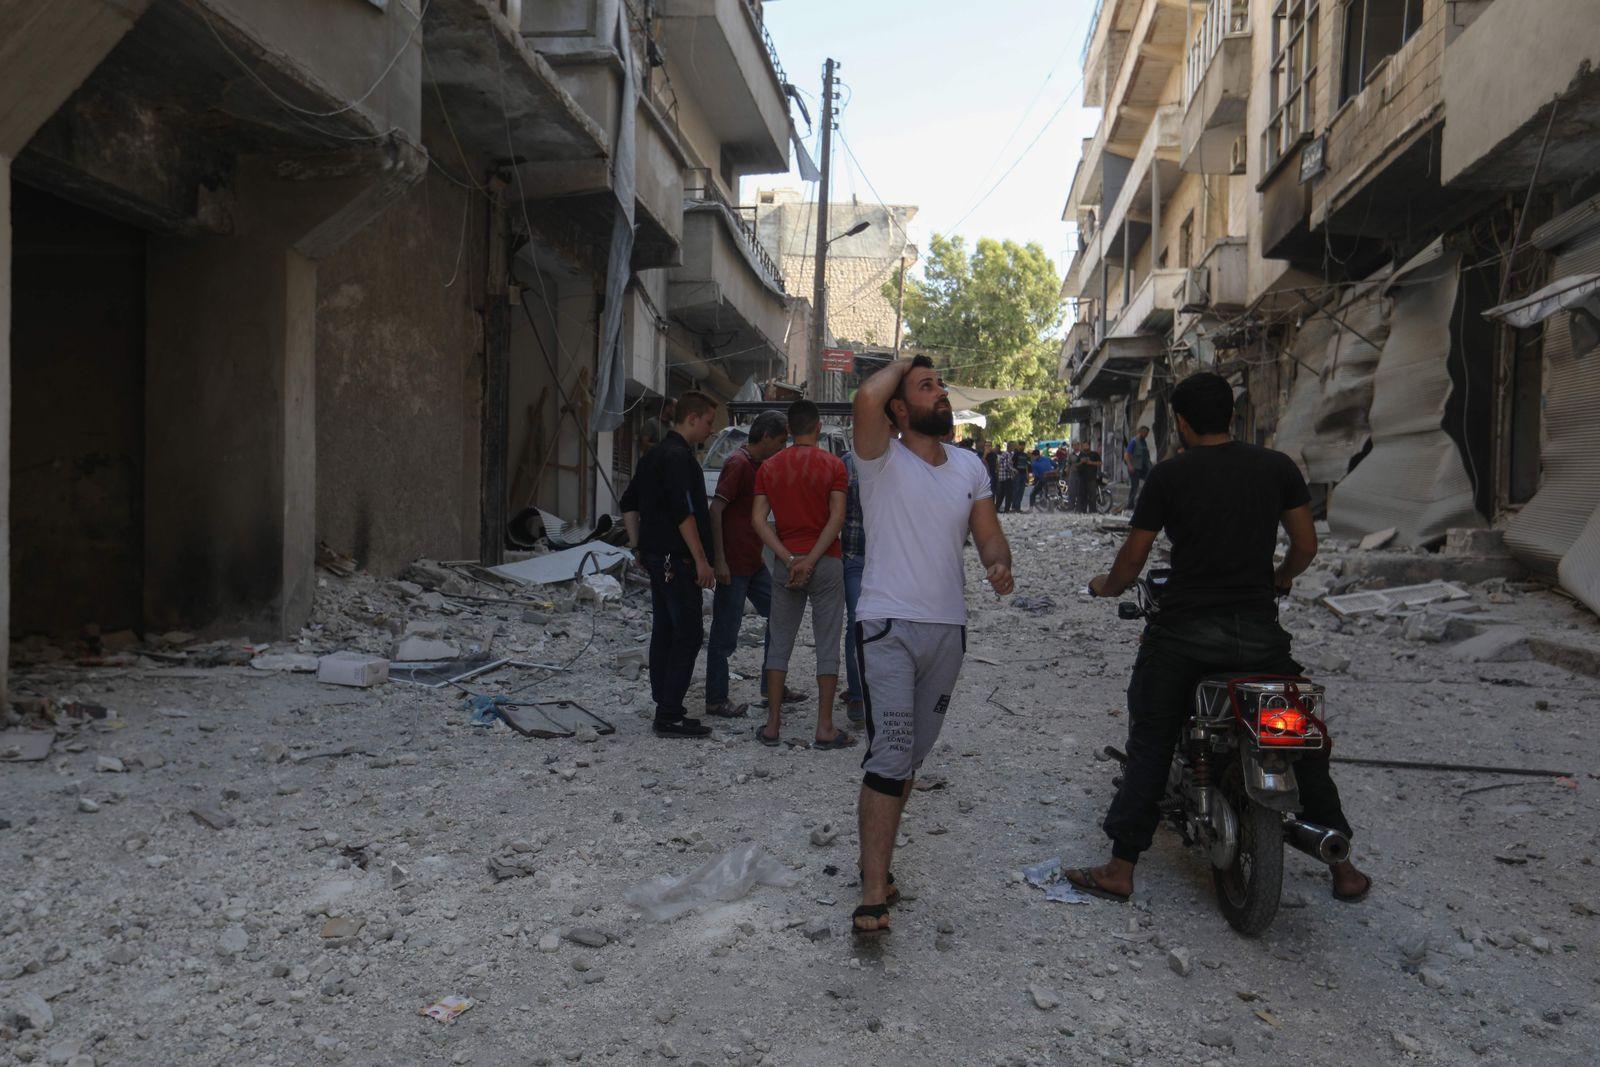 SYRIA-IDLIB-CONFLICT